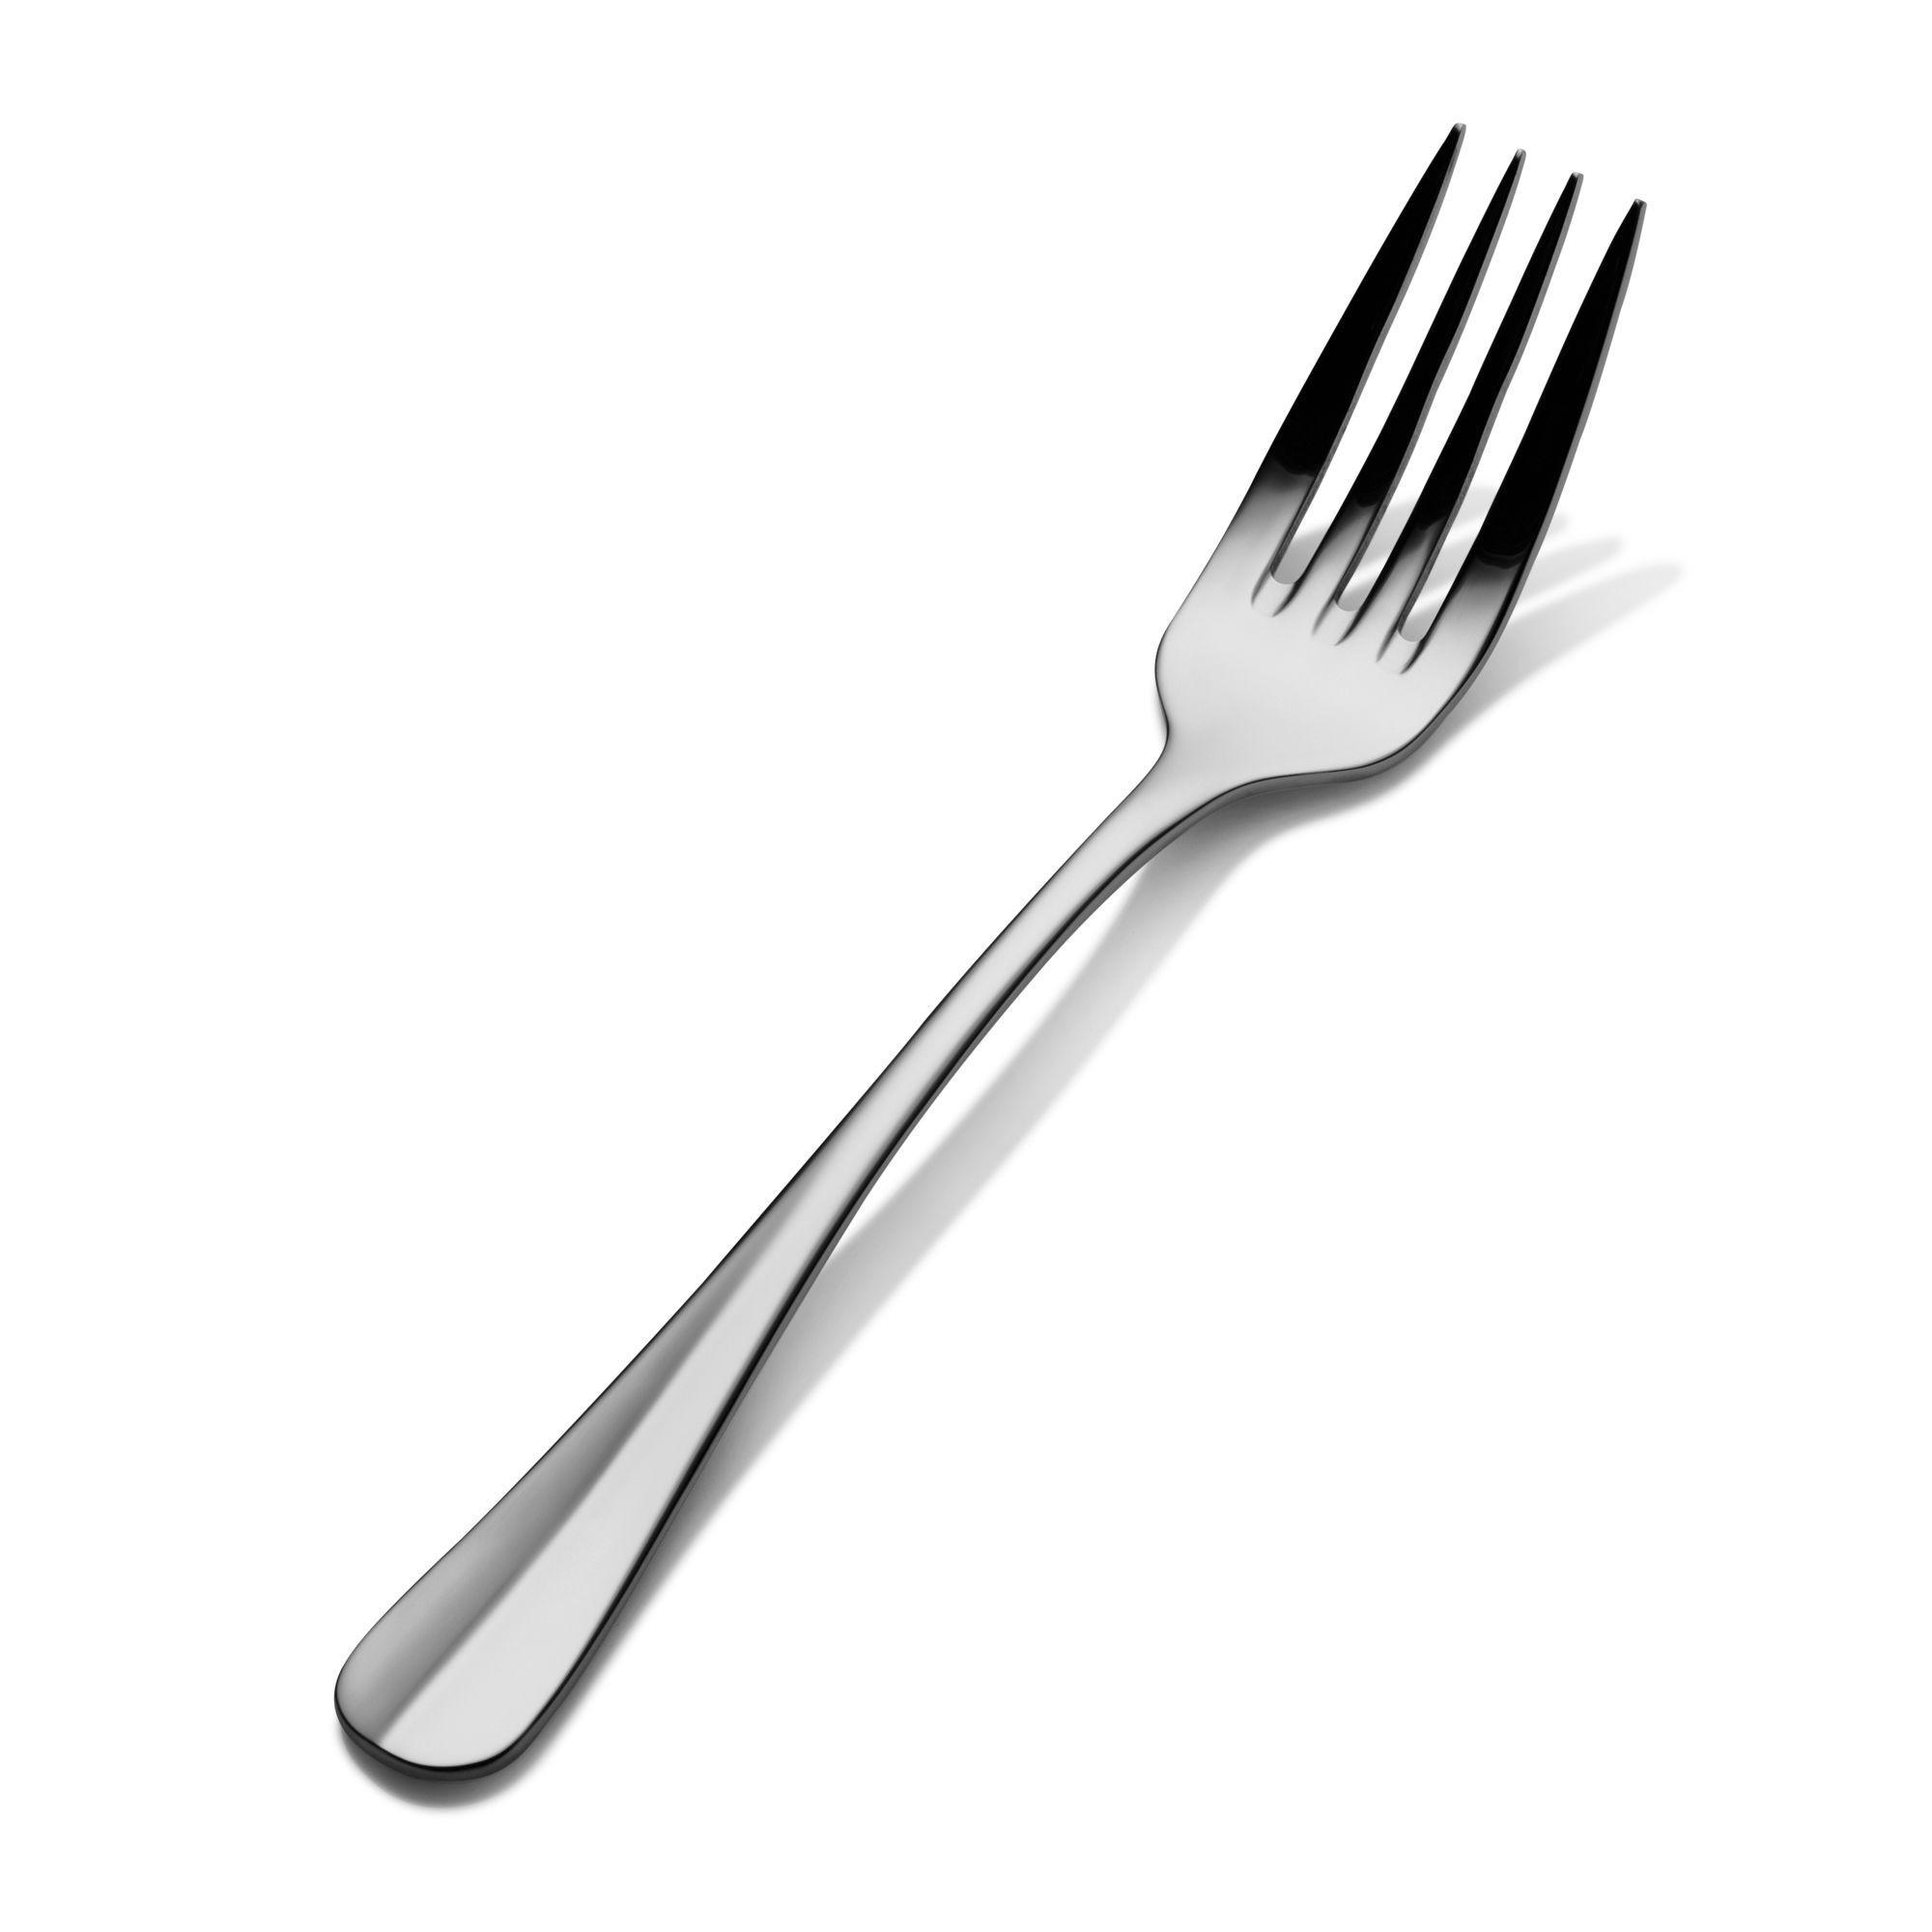 Bon Chef SBS1105S Chambers Bonsteel Silverplated Regular Dinner Fork